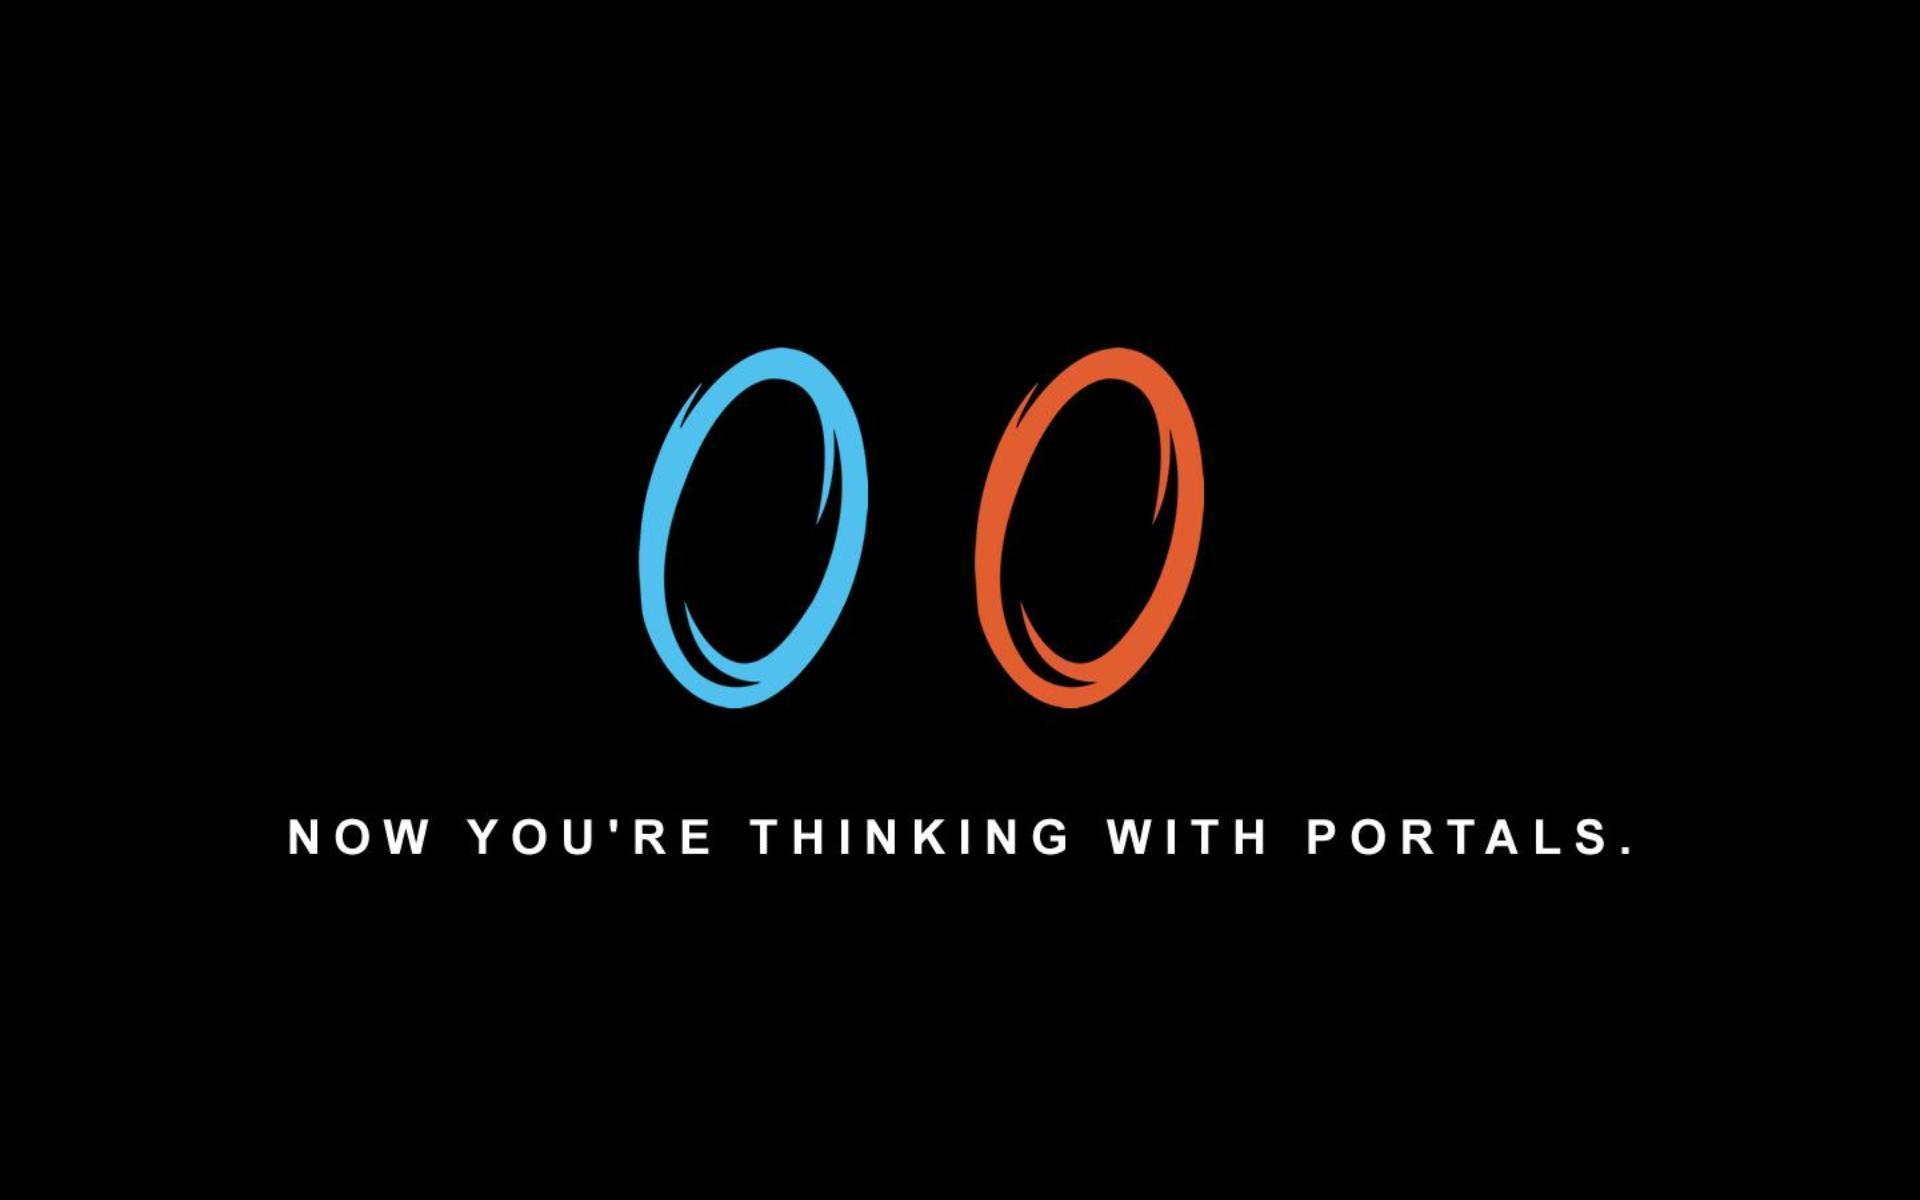 Portal Wallpaper